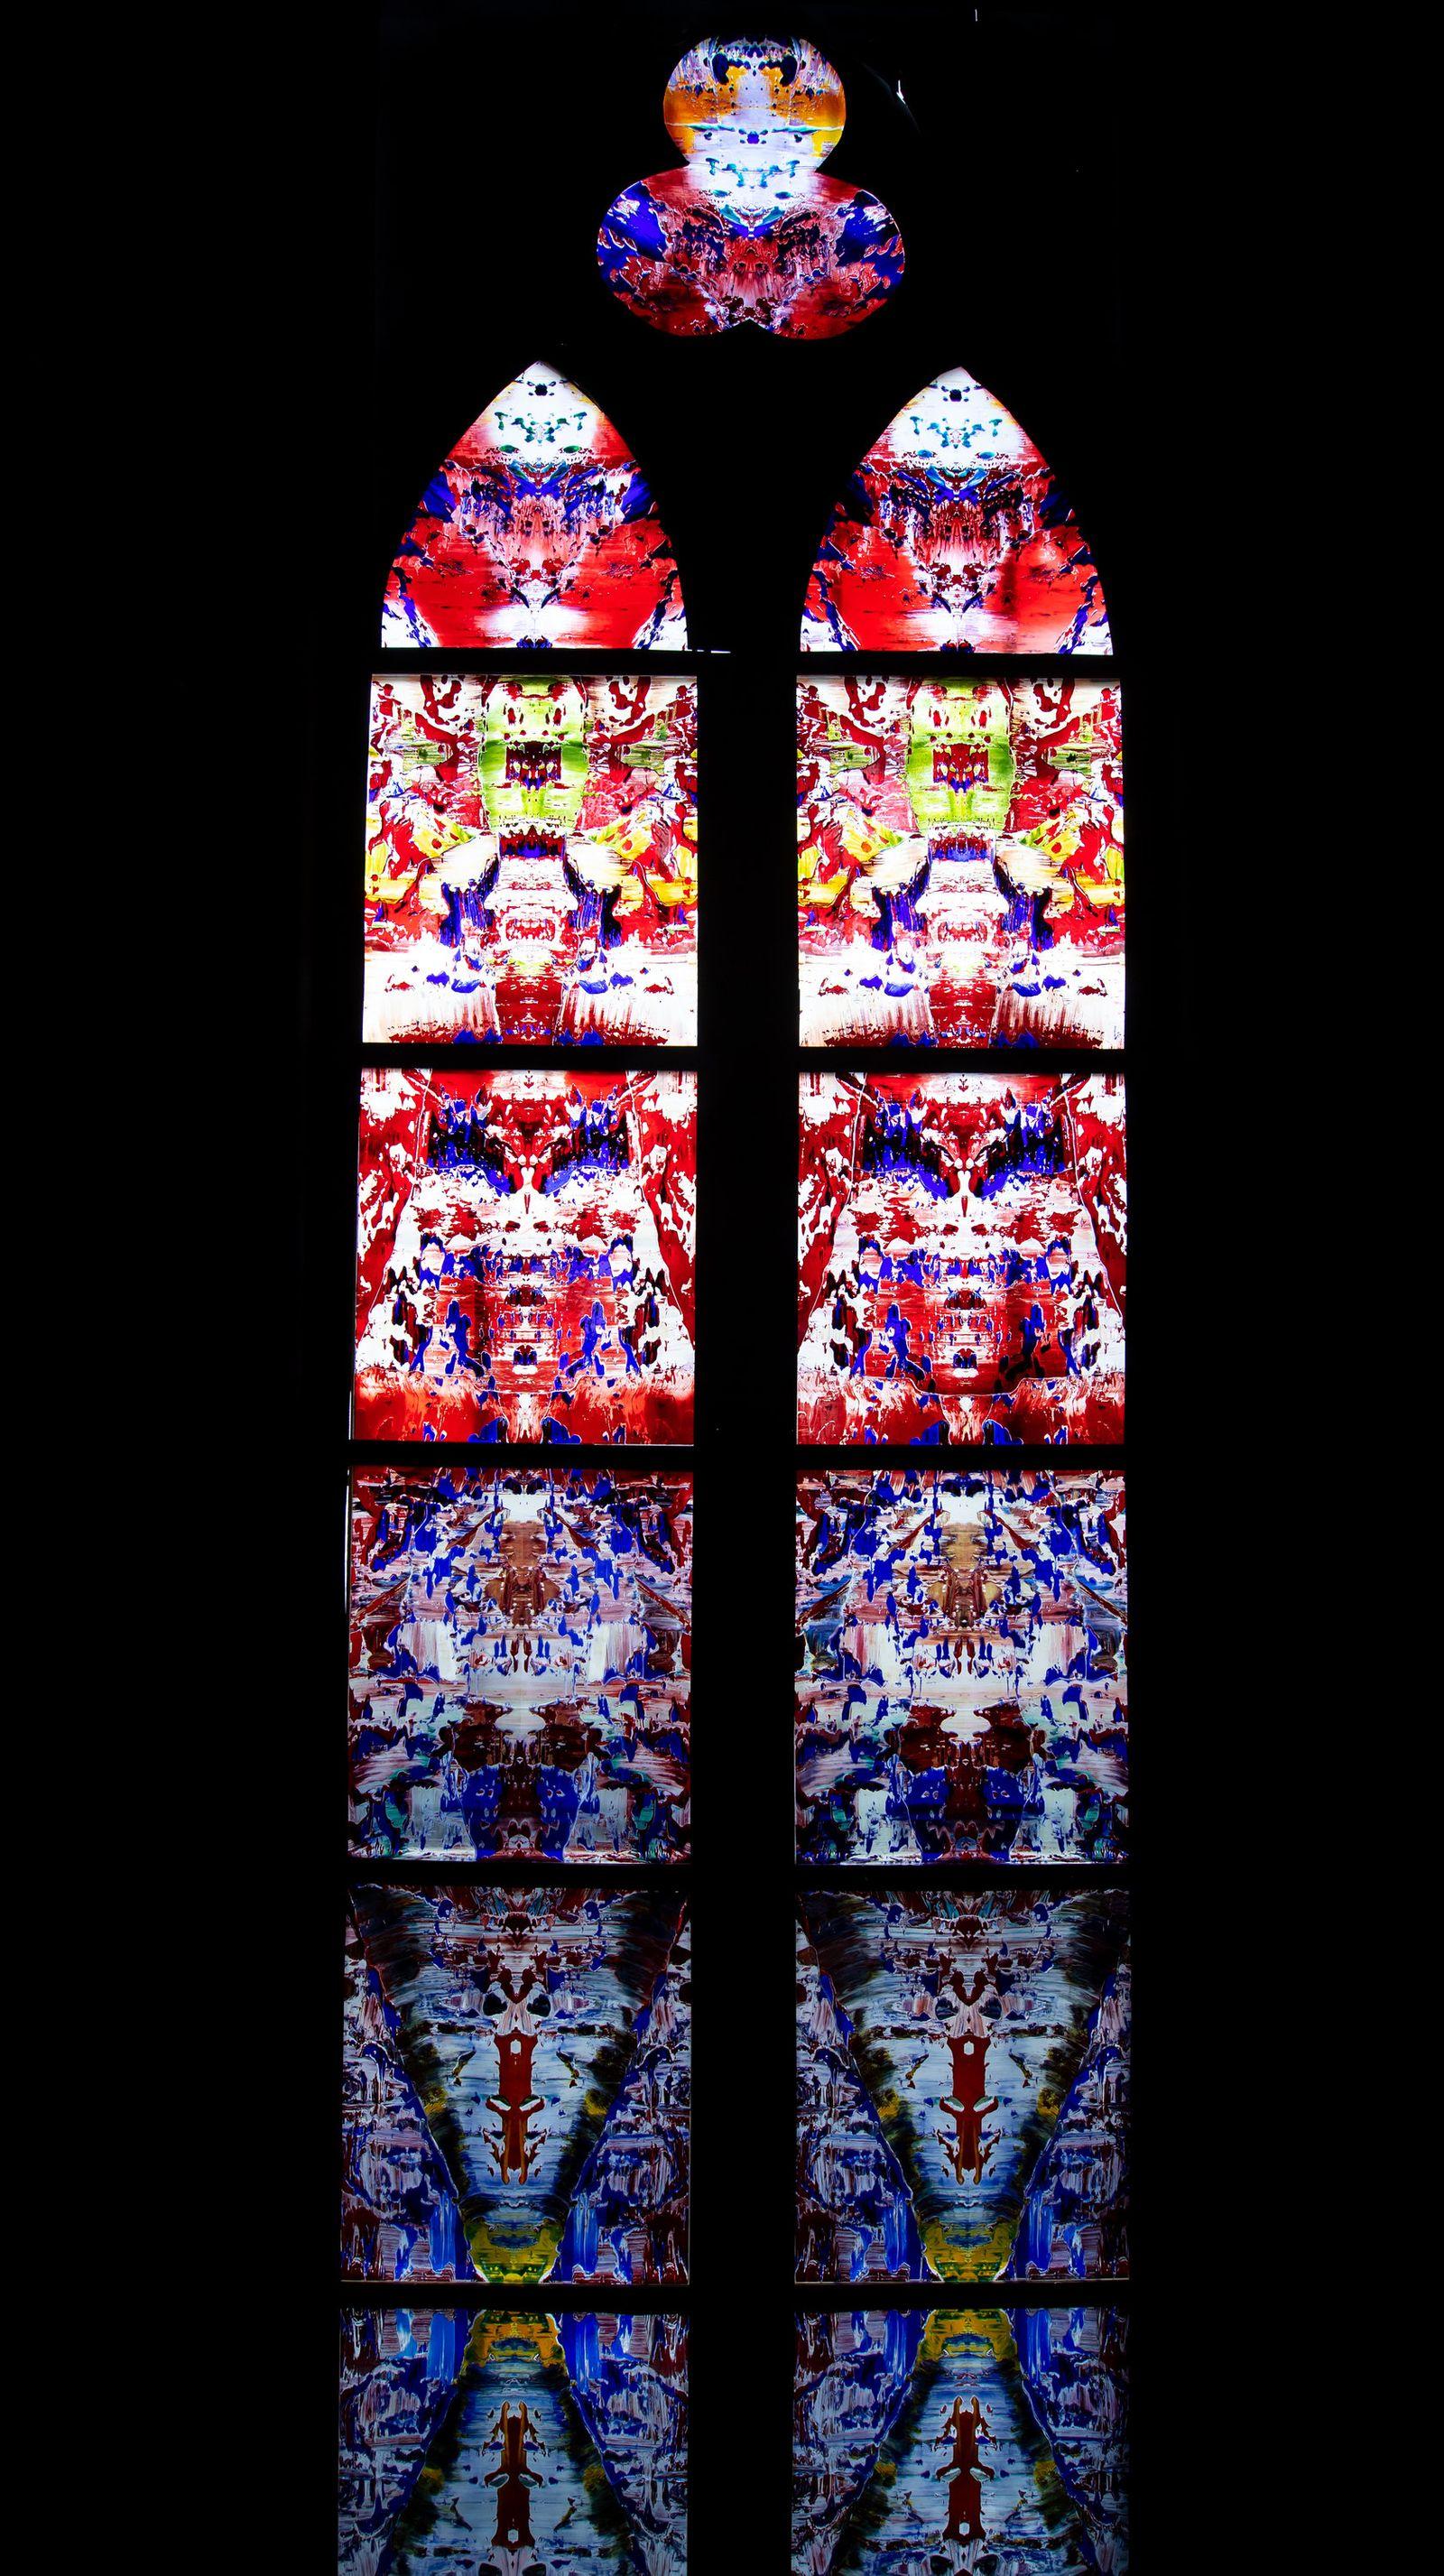 Künstlerfenster für die Abtei Tholey